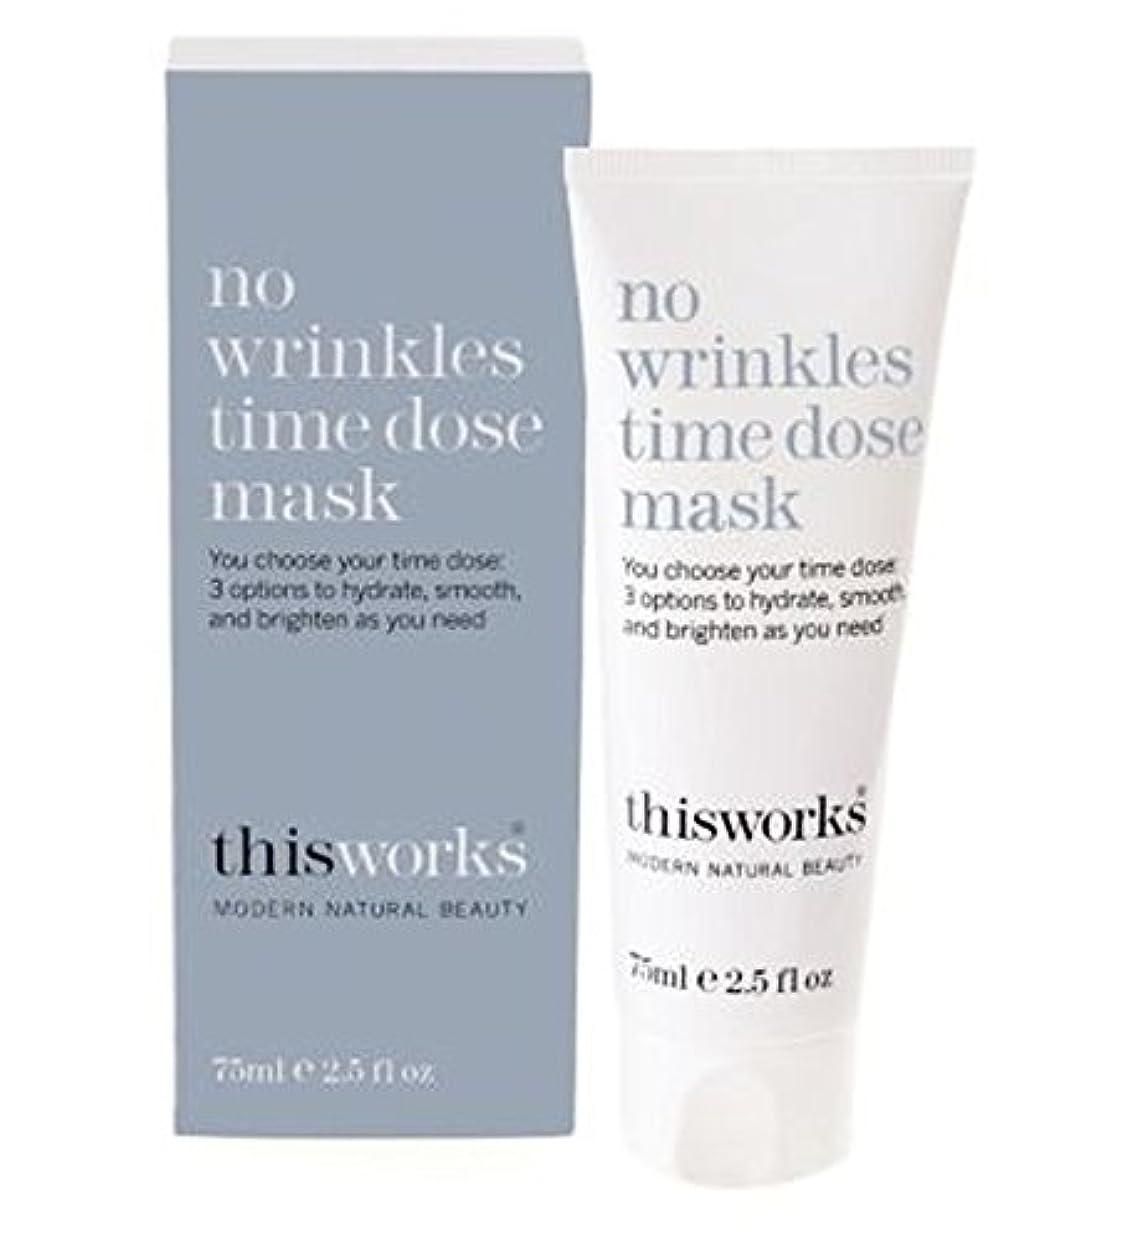 努力毎週ブリリアントThis Works No Wrinkles Time Dose Mask 75ml - これにはしわ時間線量マスクの75ミリリットルの作品はありません (This Works) [並行輸入品]